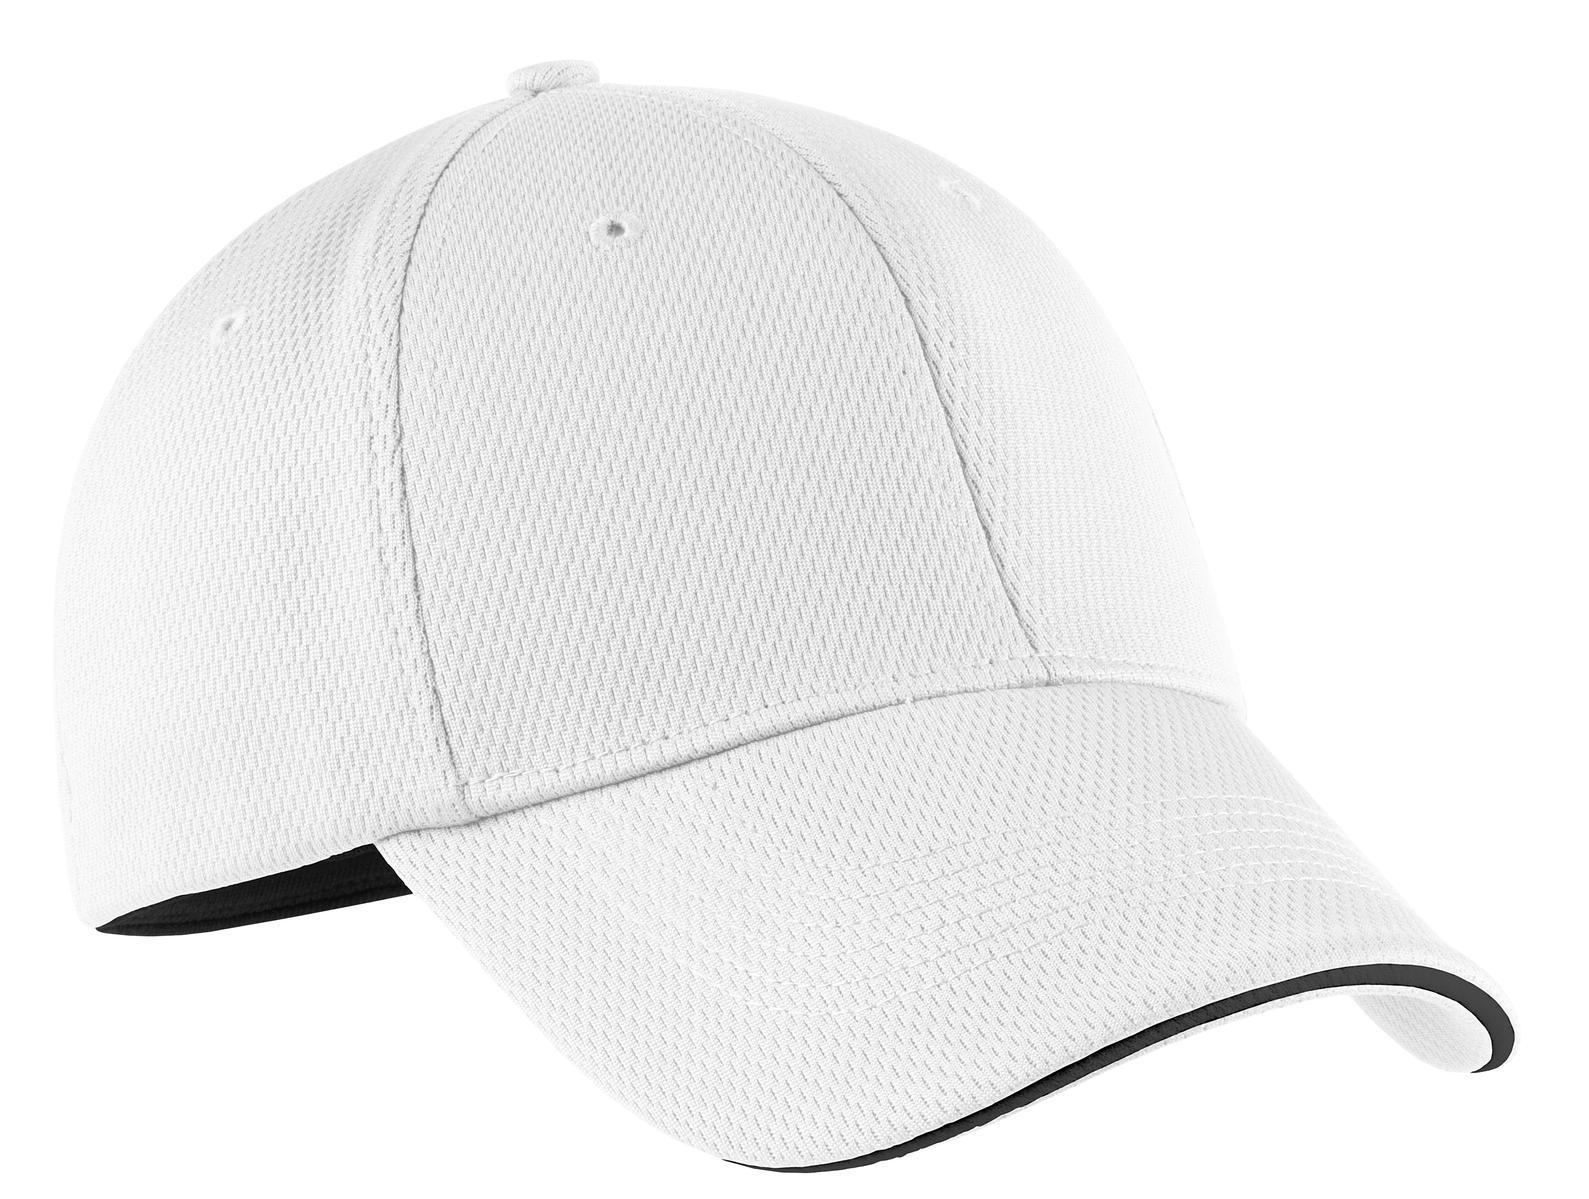 69be1a2d858 Nike Golf - Dri-FIT Mesh Swoosh Flex Sandwich Cap - Nike Golf - Brands